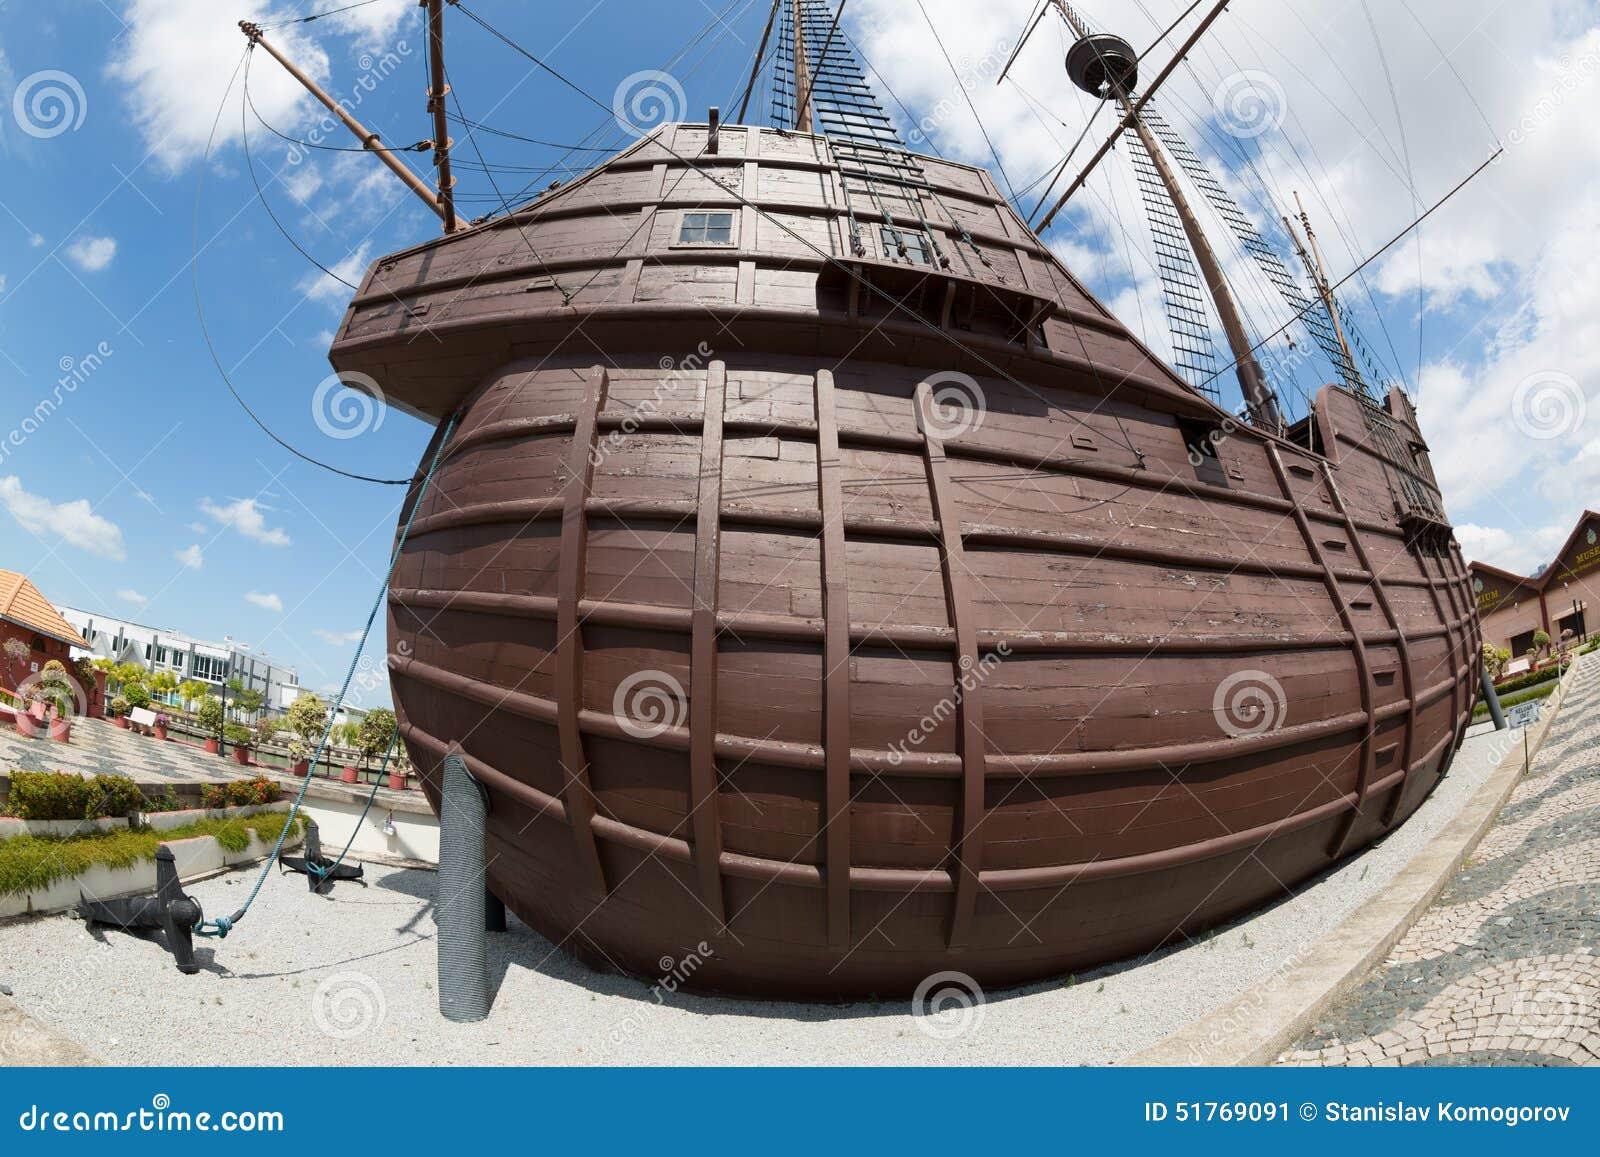 Le musée maritime sous forme de bateau a photographié le fisheye